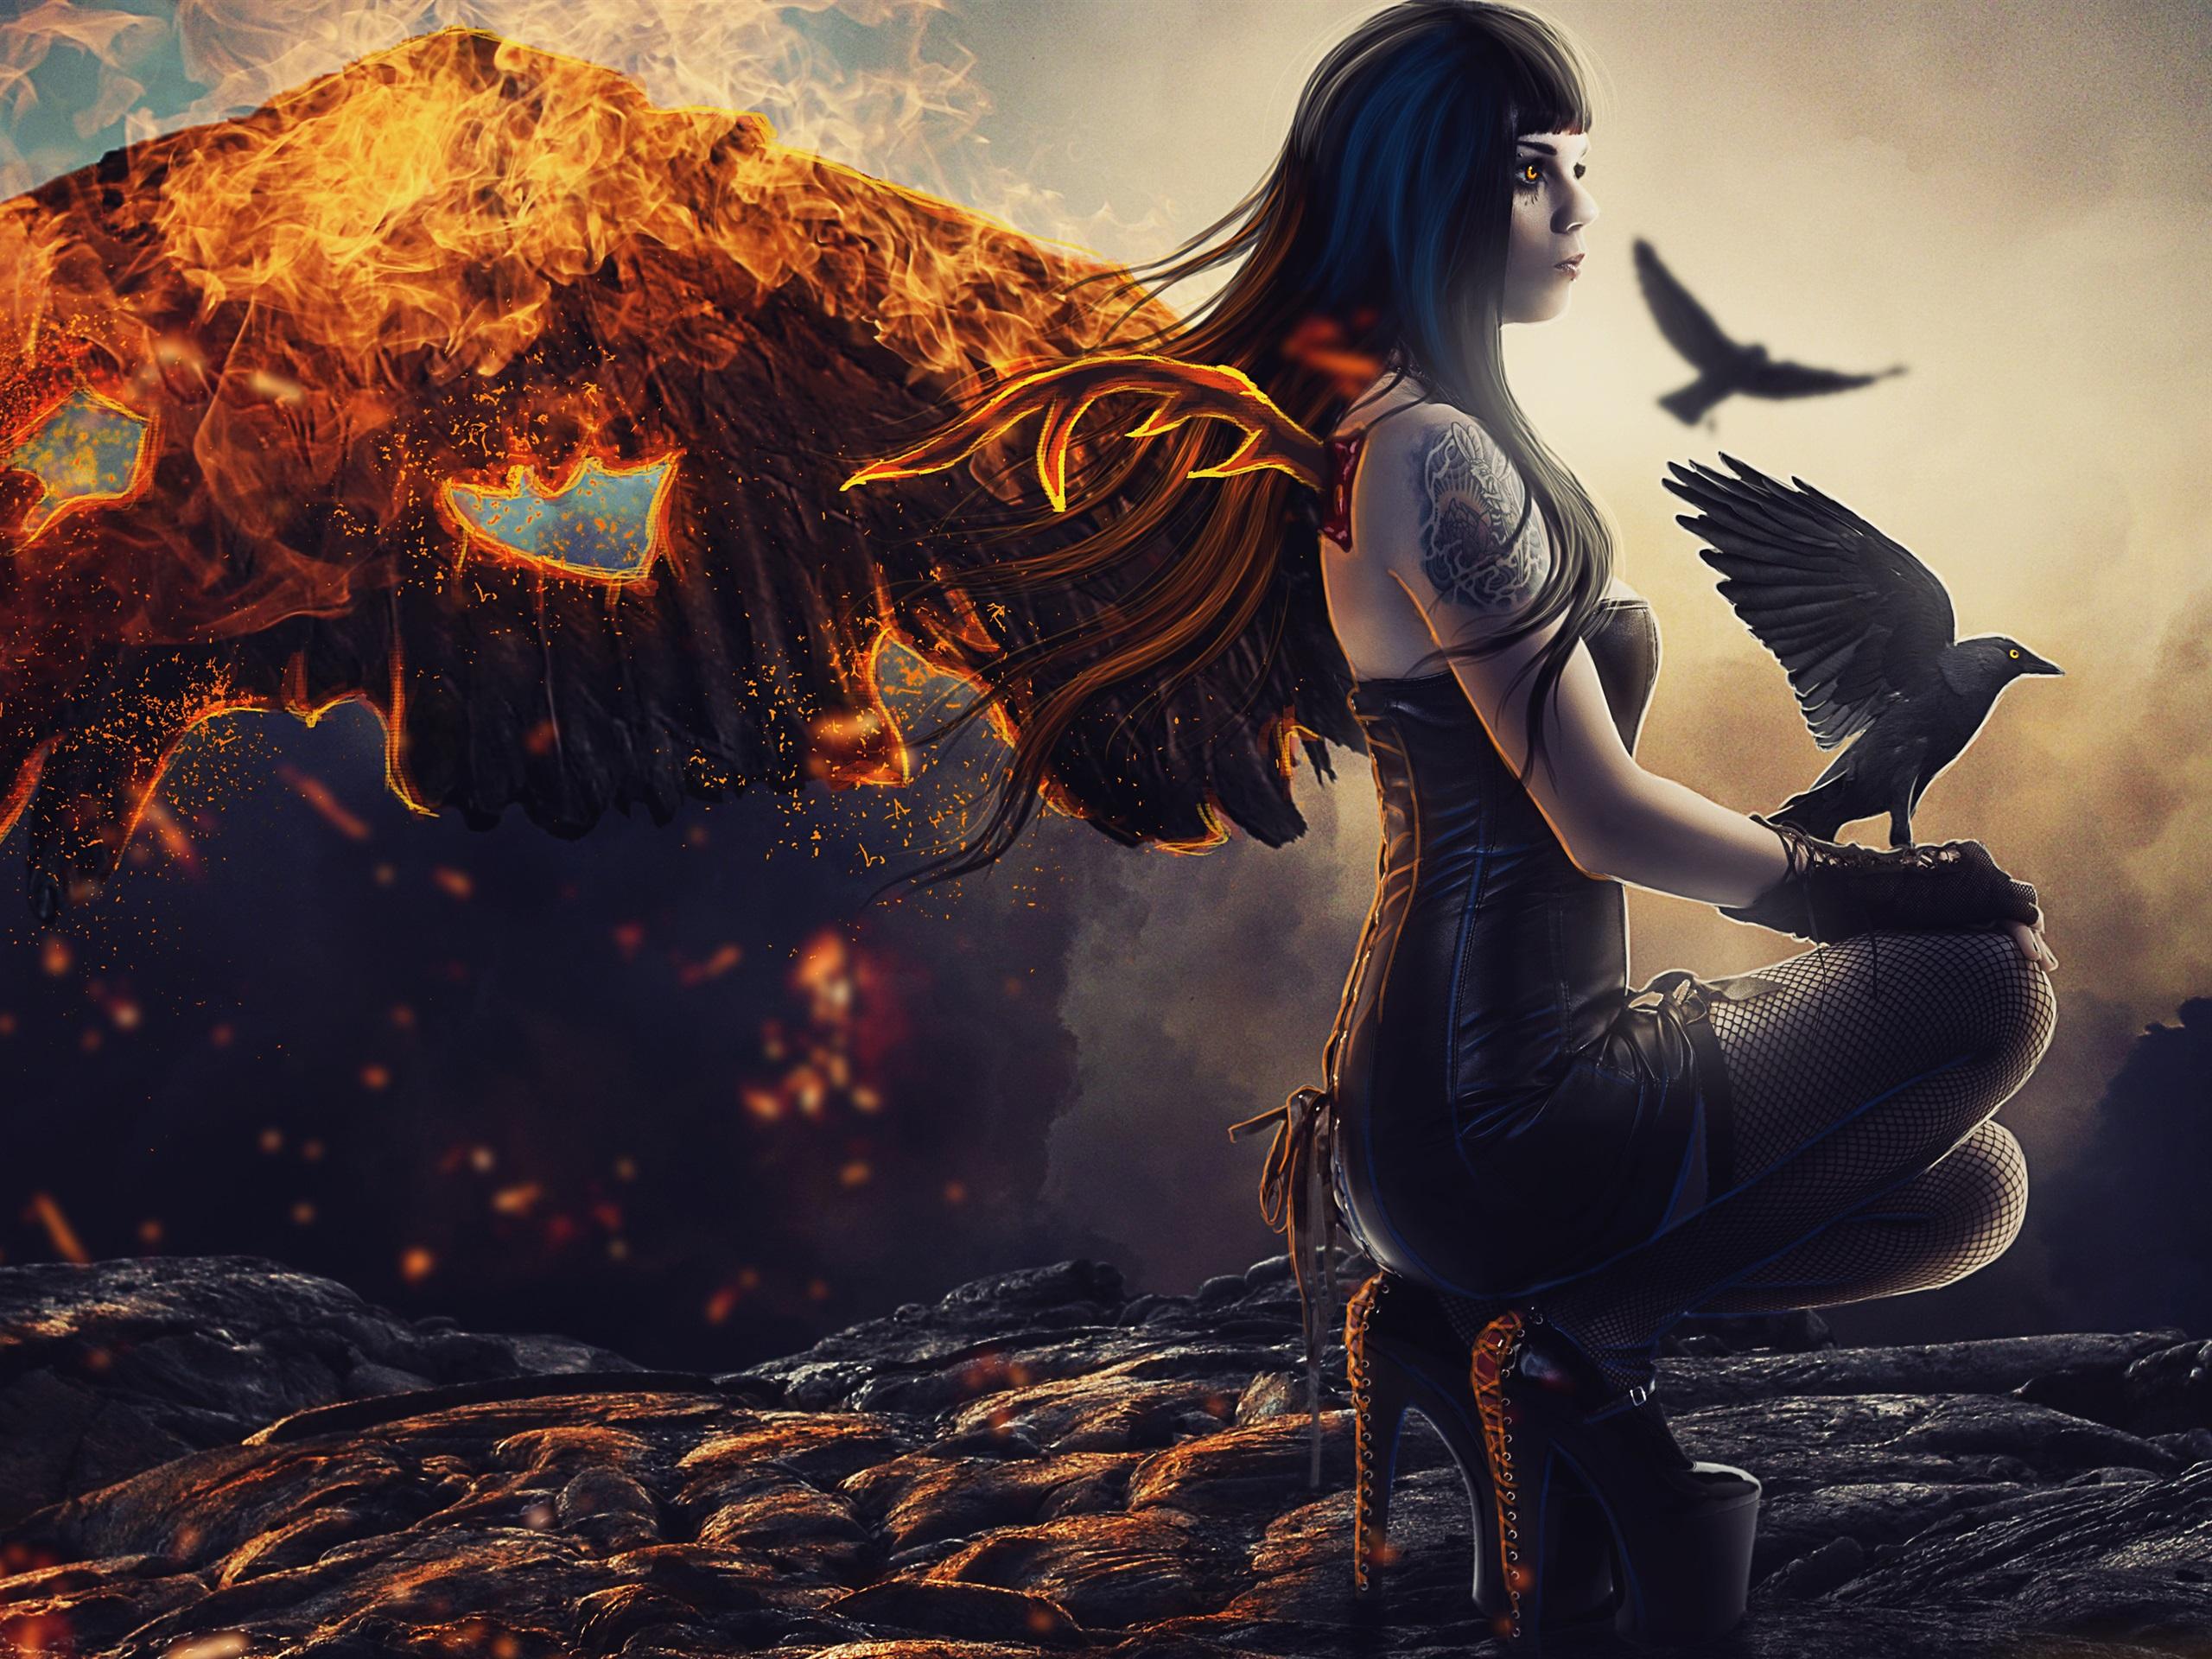 壁紙 ファンタジーガール 倒れた天使 羽 火 カワウソ 3840x2160